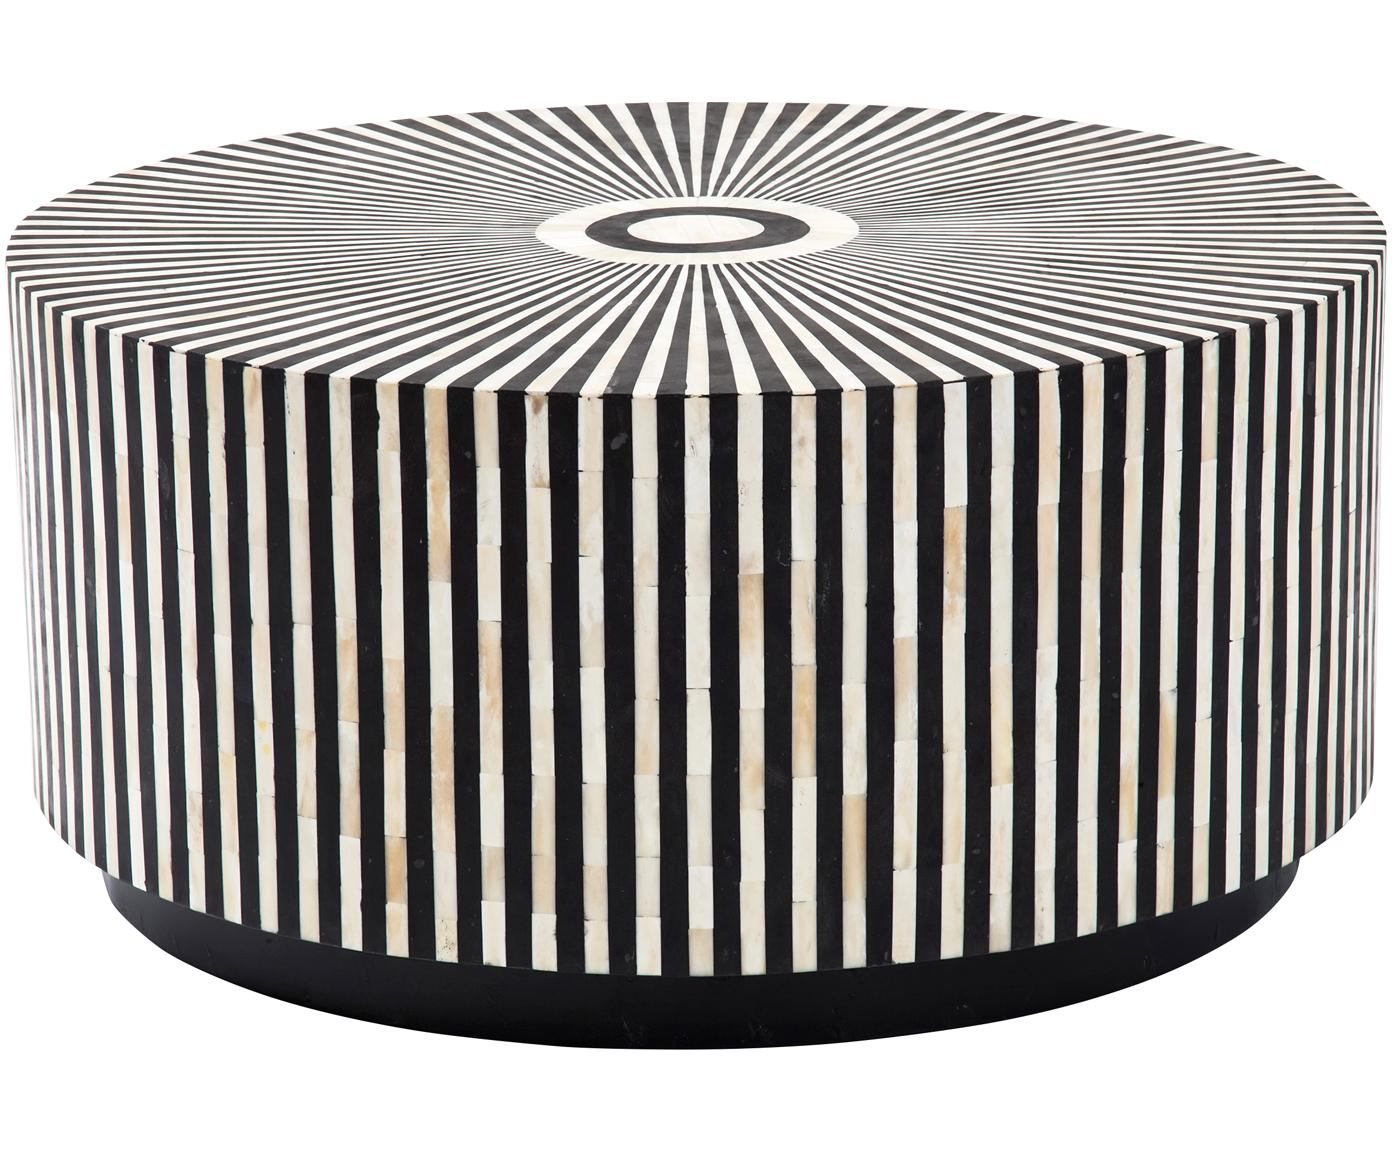 Ausgefallener Couchtisch Electra, Korpus: Holzfaserplatte, Oberfläche: Kamelknochen, Schwarz, Weiß, Ø 75 x H 35 cm